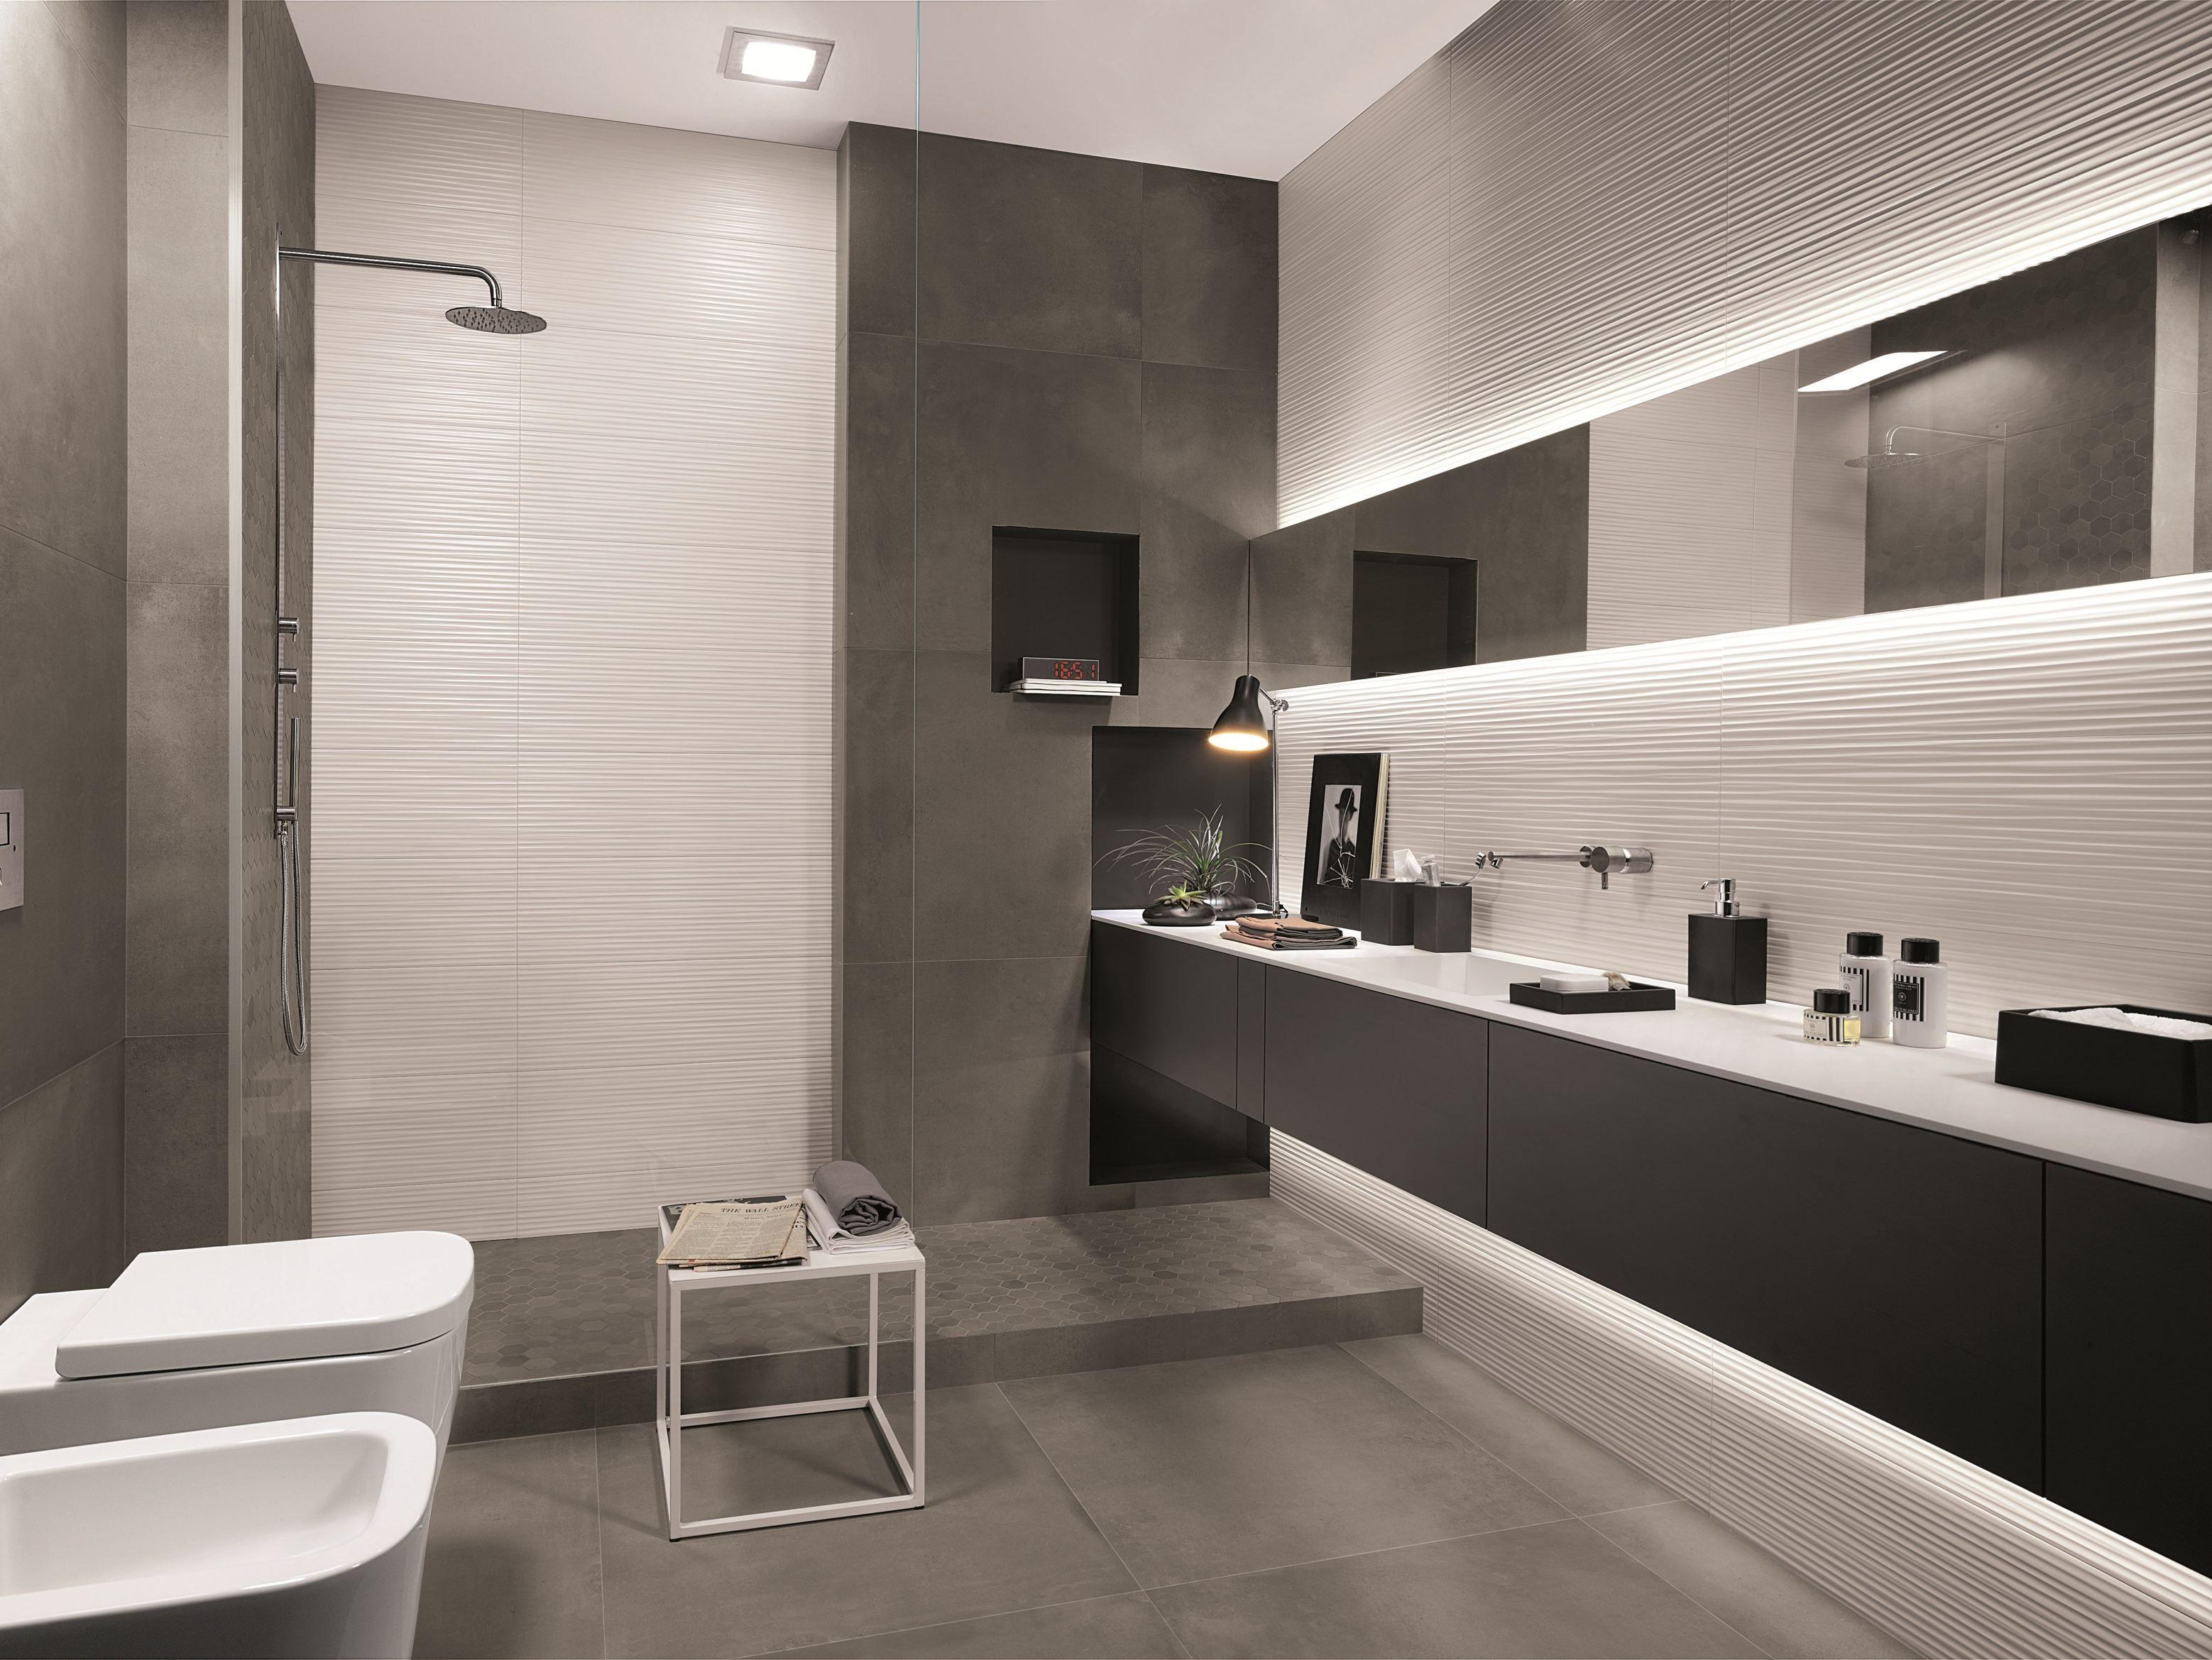 Pin on salle de bain Revetement mural pour salle d eau